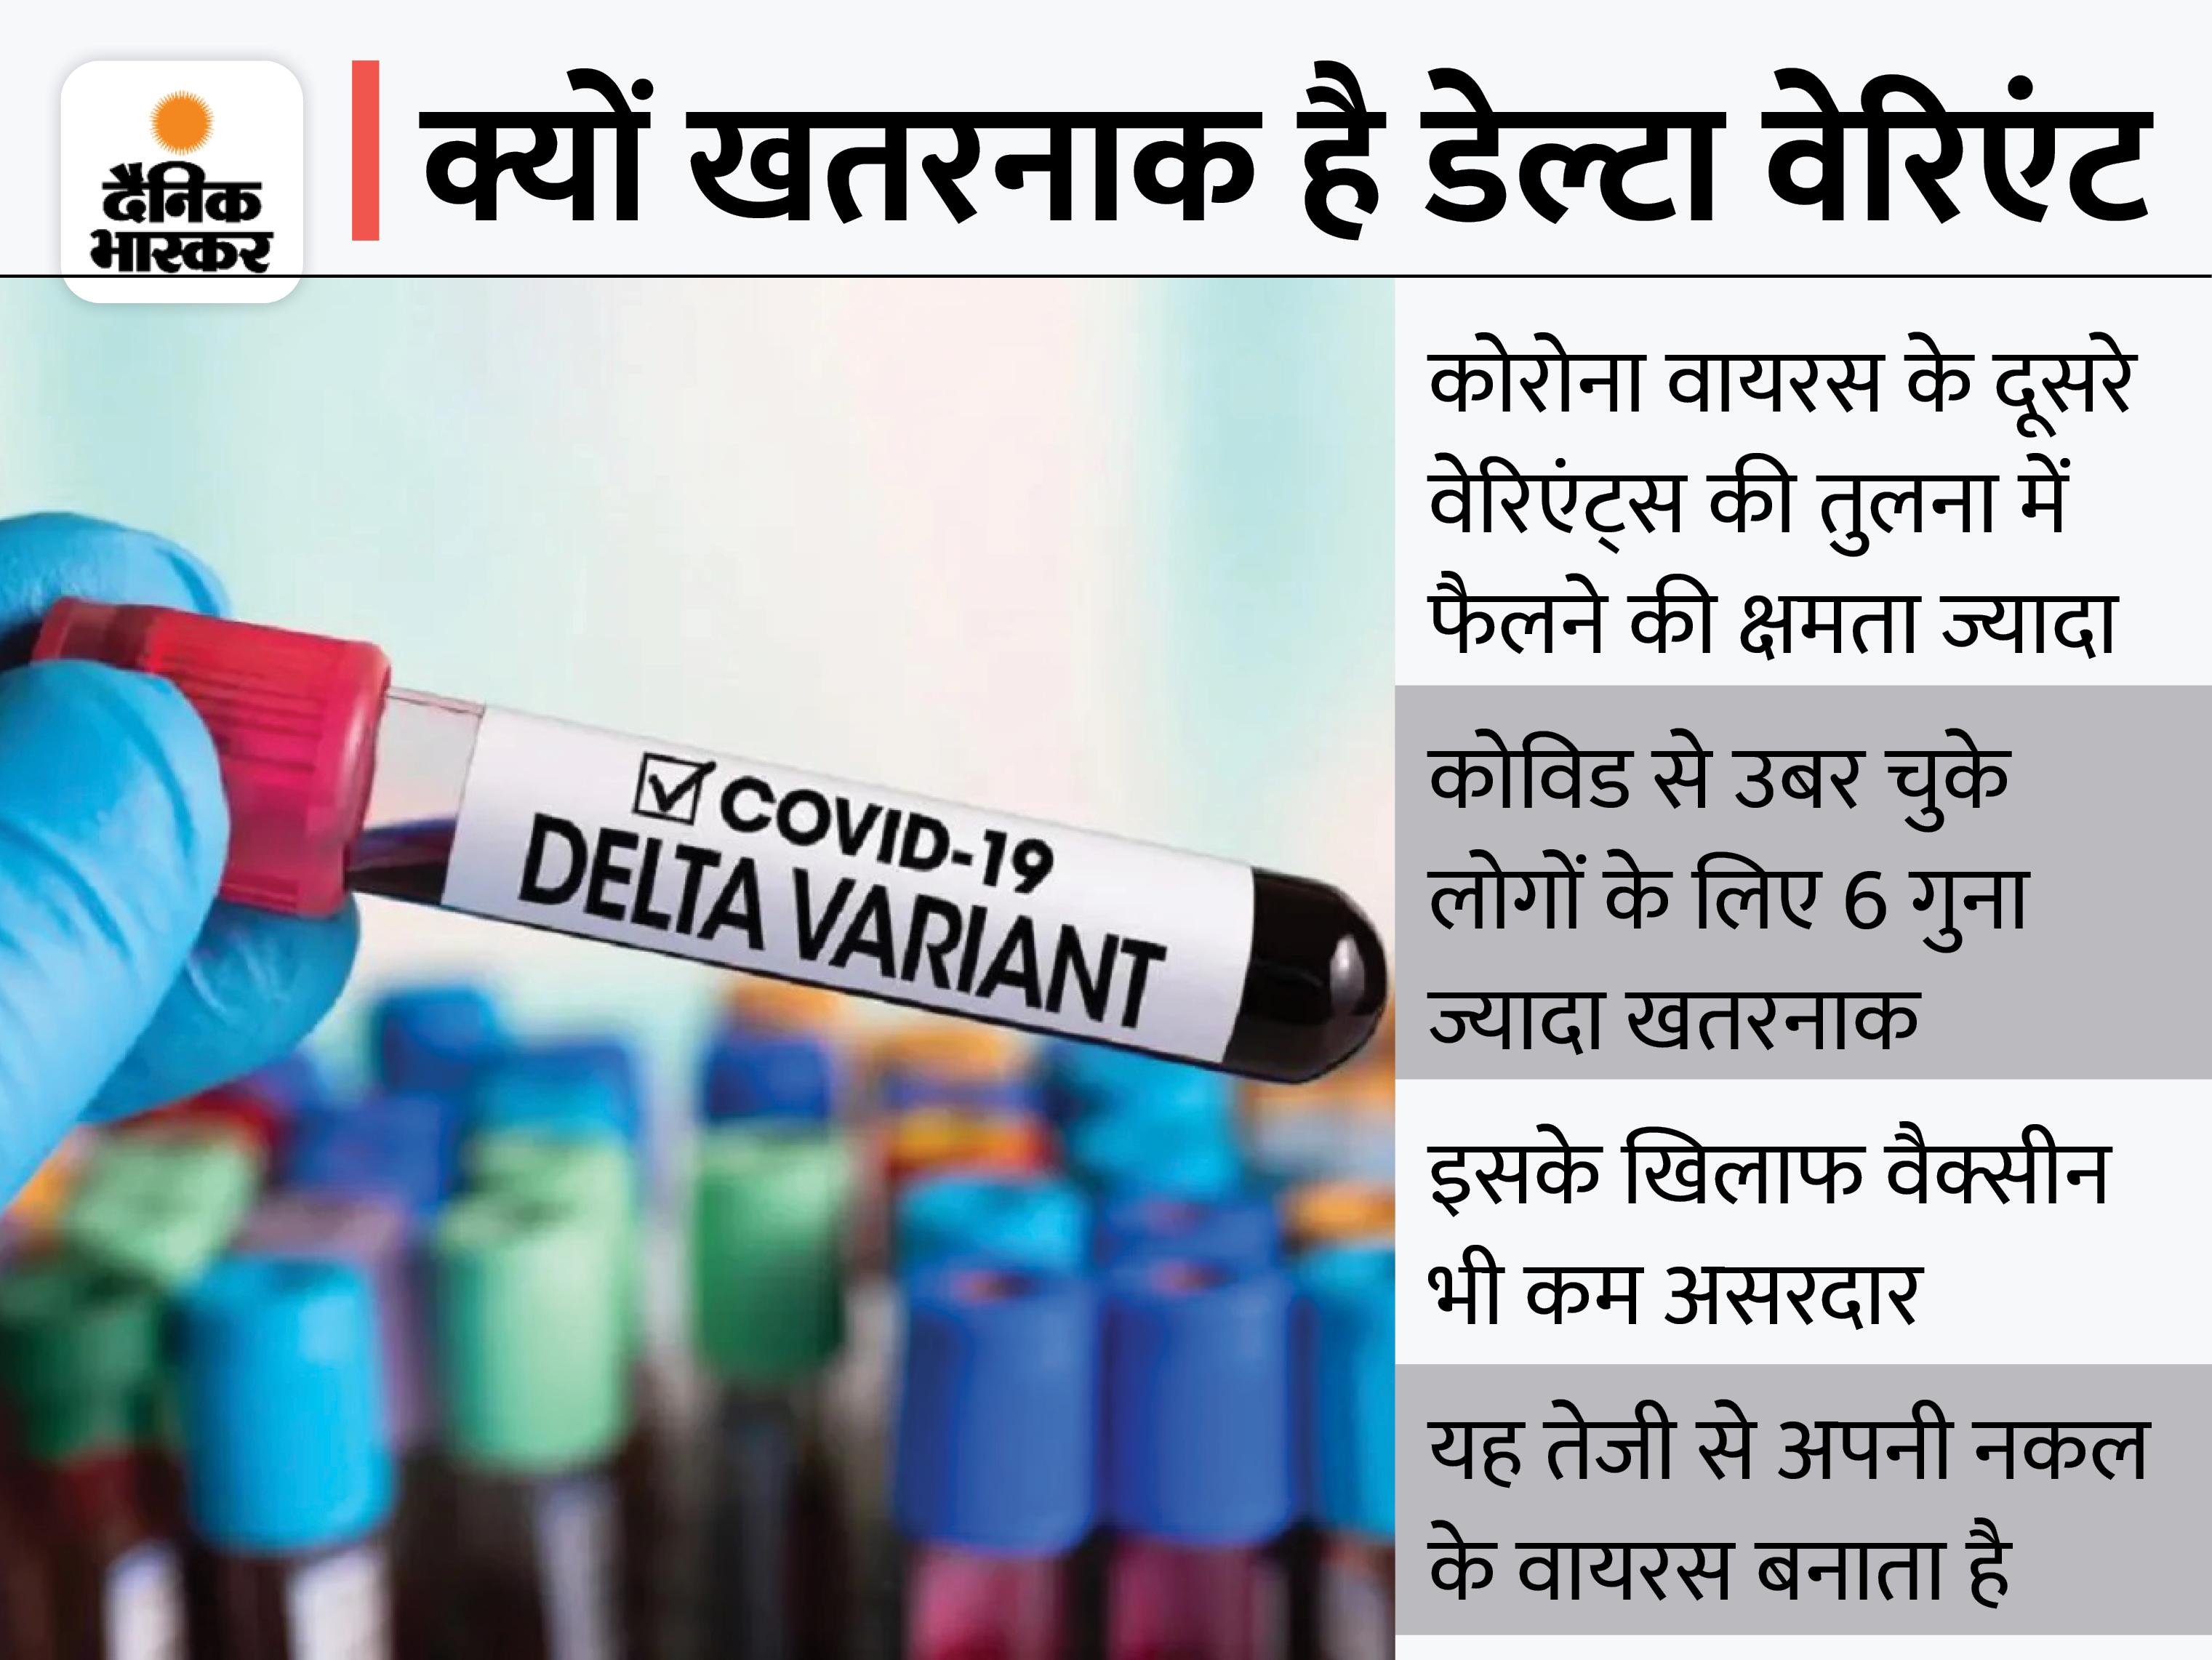 स्वास्थ्य विभाग ने 3 से 18 अगस्त के बीच कोरोना पॉजिटिव पाए गए 27 मरीजों के NCDC में भेजे थे सैंपल्स, 25 में मिला डेल्टा वेरिएंट|चंडीगढ़,Chandigarh - Dainik Bhaskar